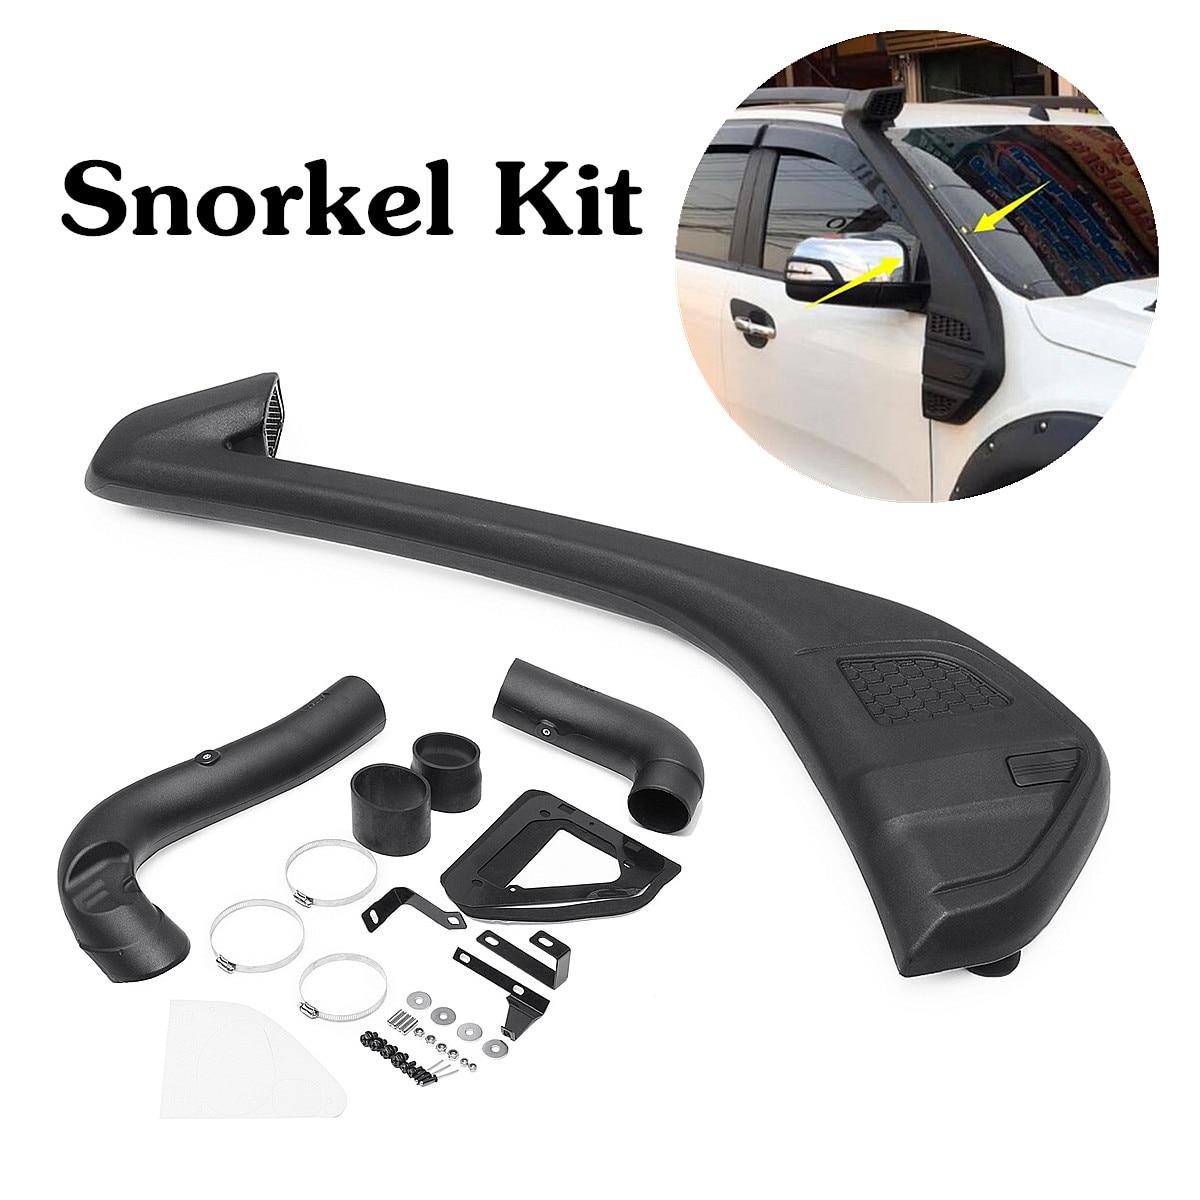 Aria Aumentare Aspirazione Snorkel Benzina Diesel-Kit Set Per Il 2013 Ford-Ranger T6 Wildtrak 110x30cm polietilene Nero Resistente AI RAGGI UV Lineare